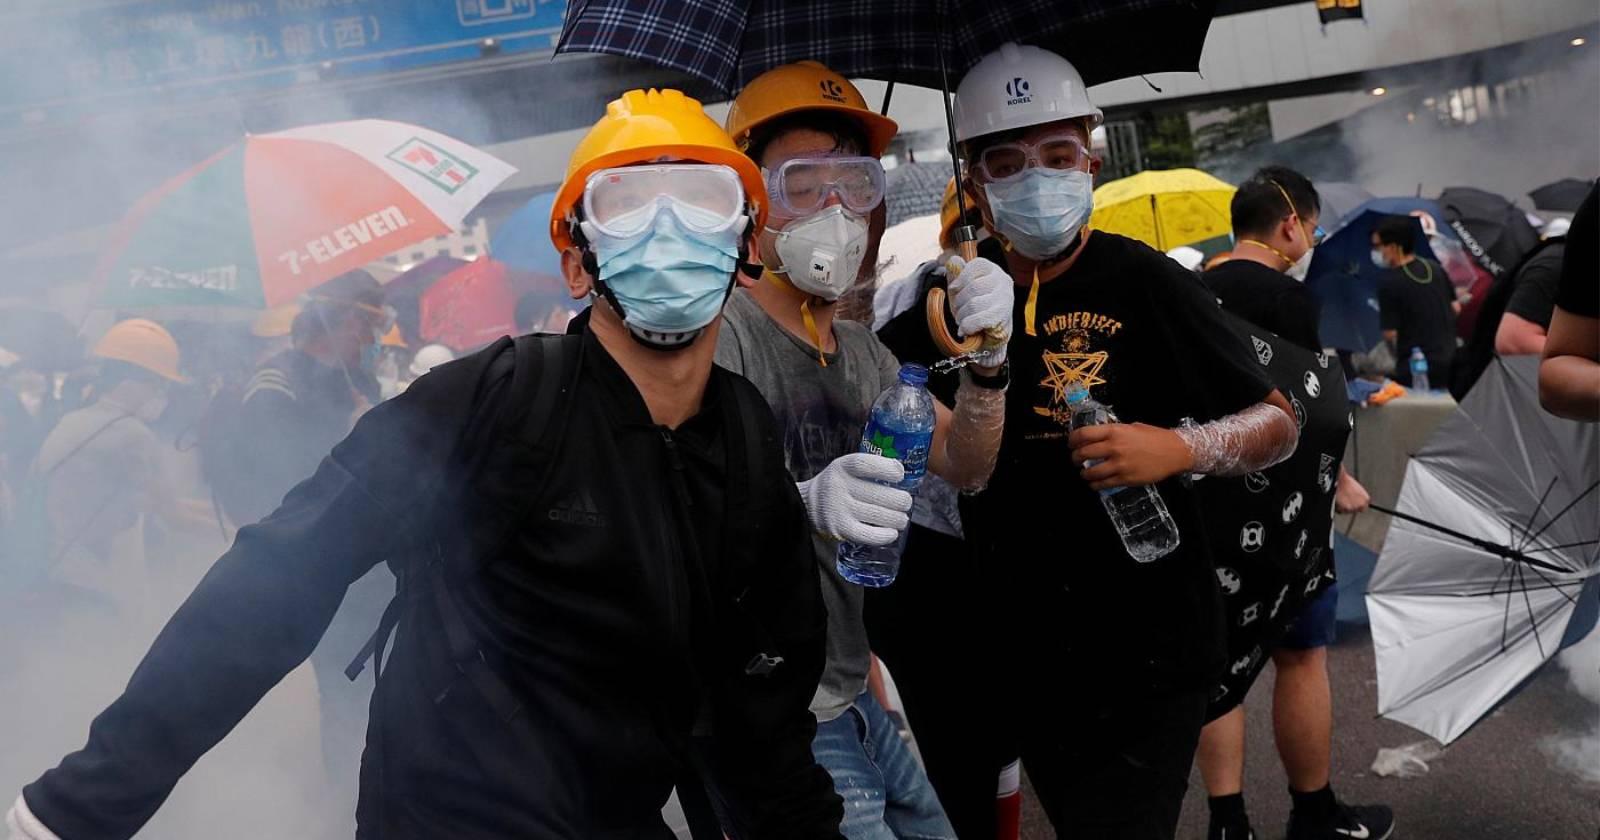 Policía de Hong Kong detiene a 180 manifestantes bajo la nueva y polémica ley de seguridad